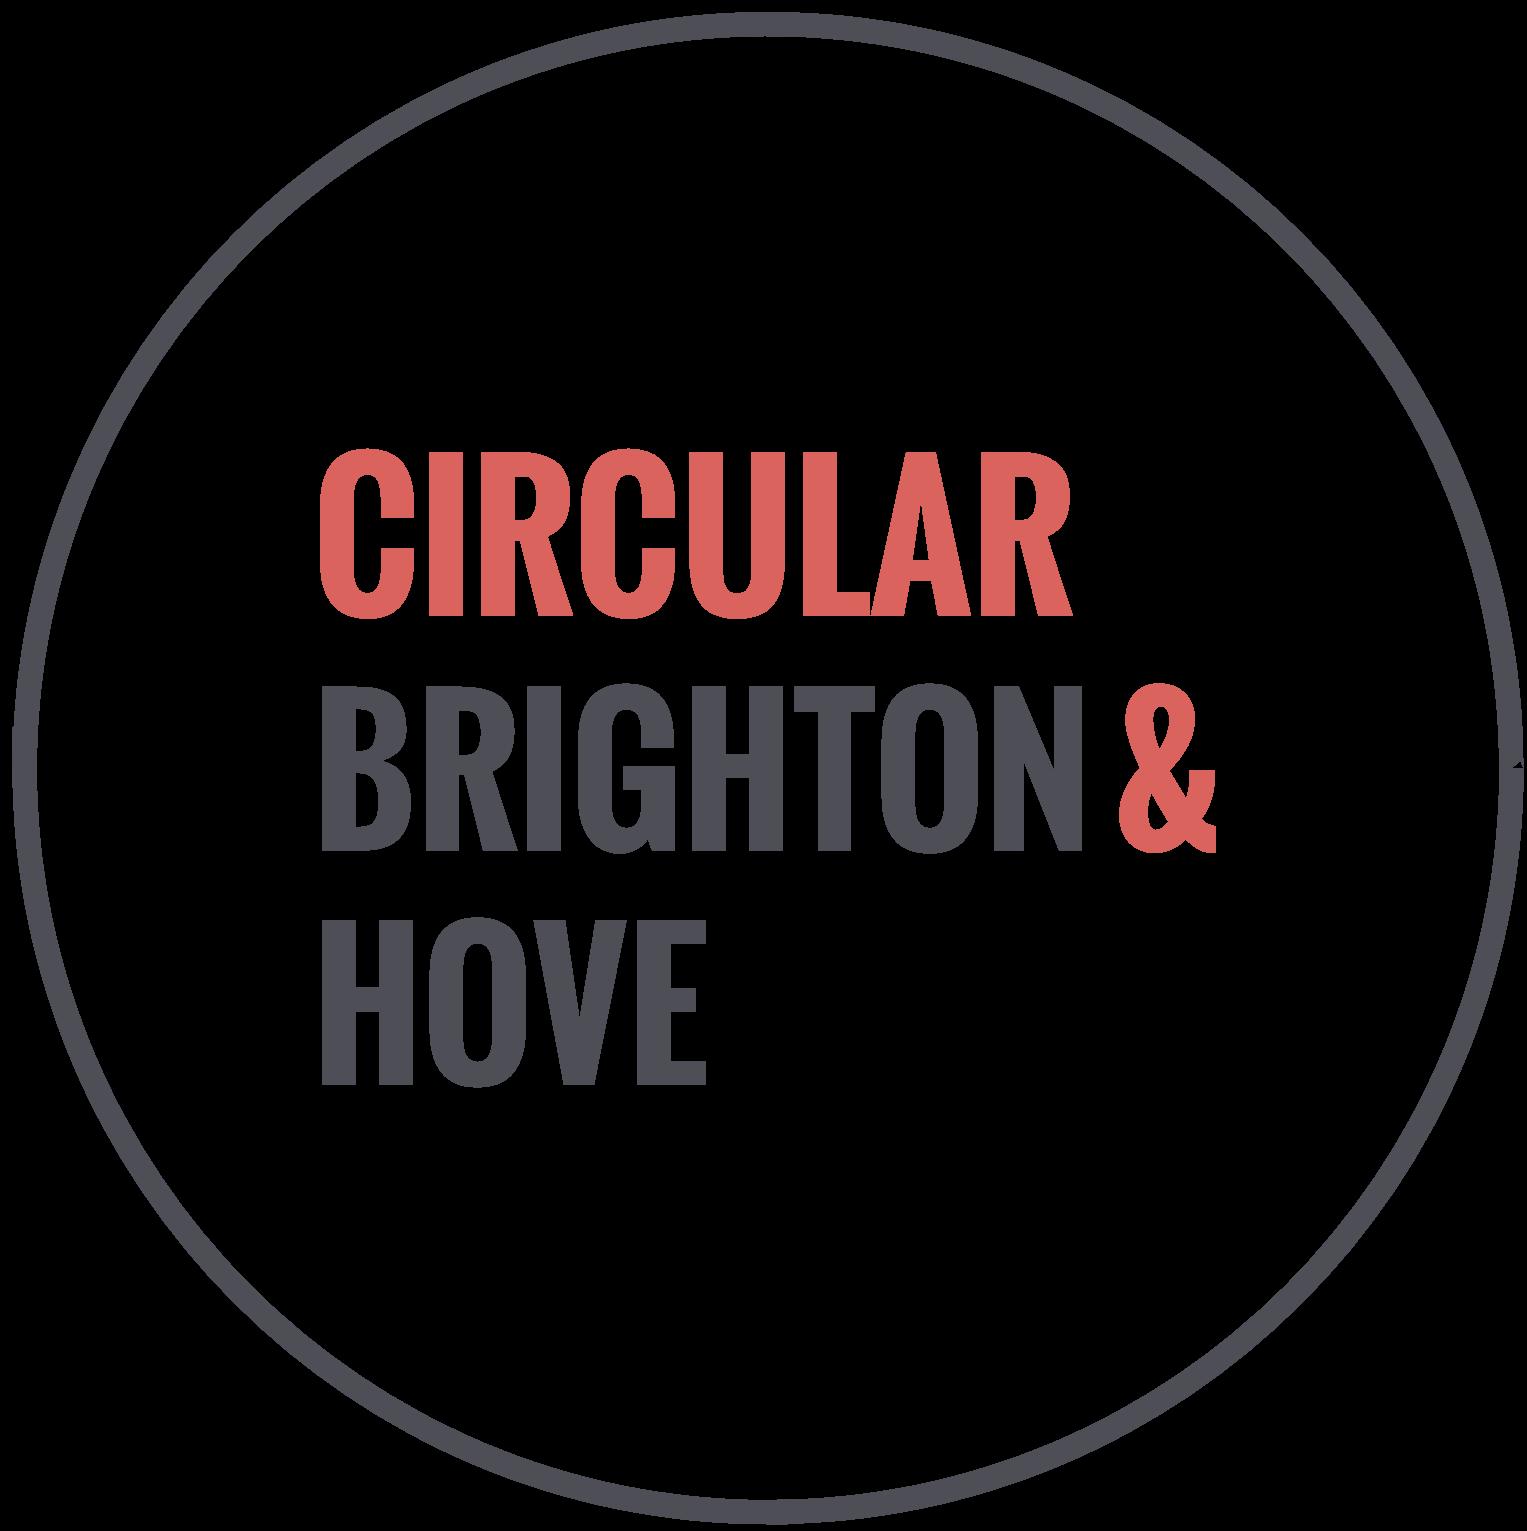 Circular Brighton & Hove